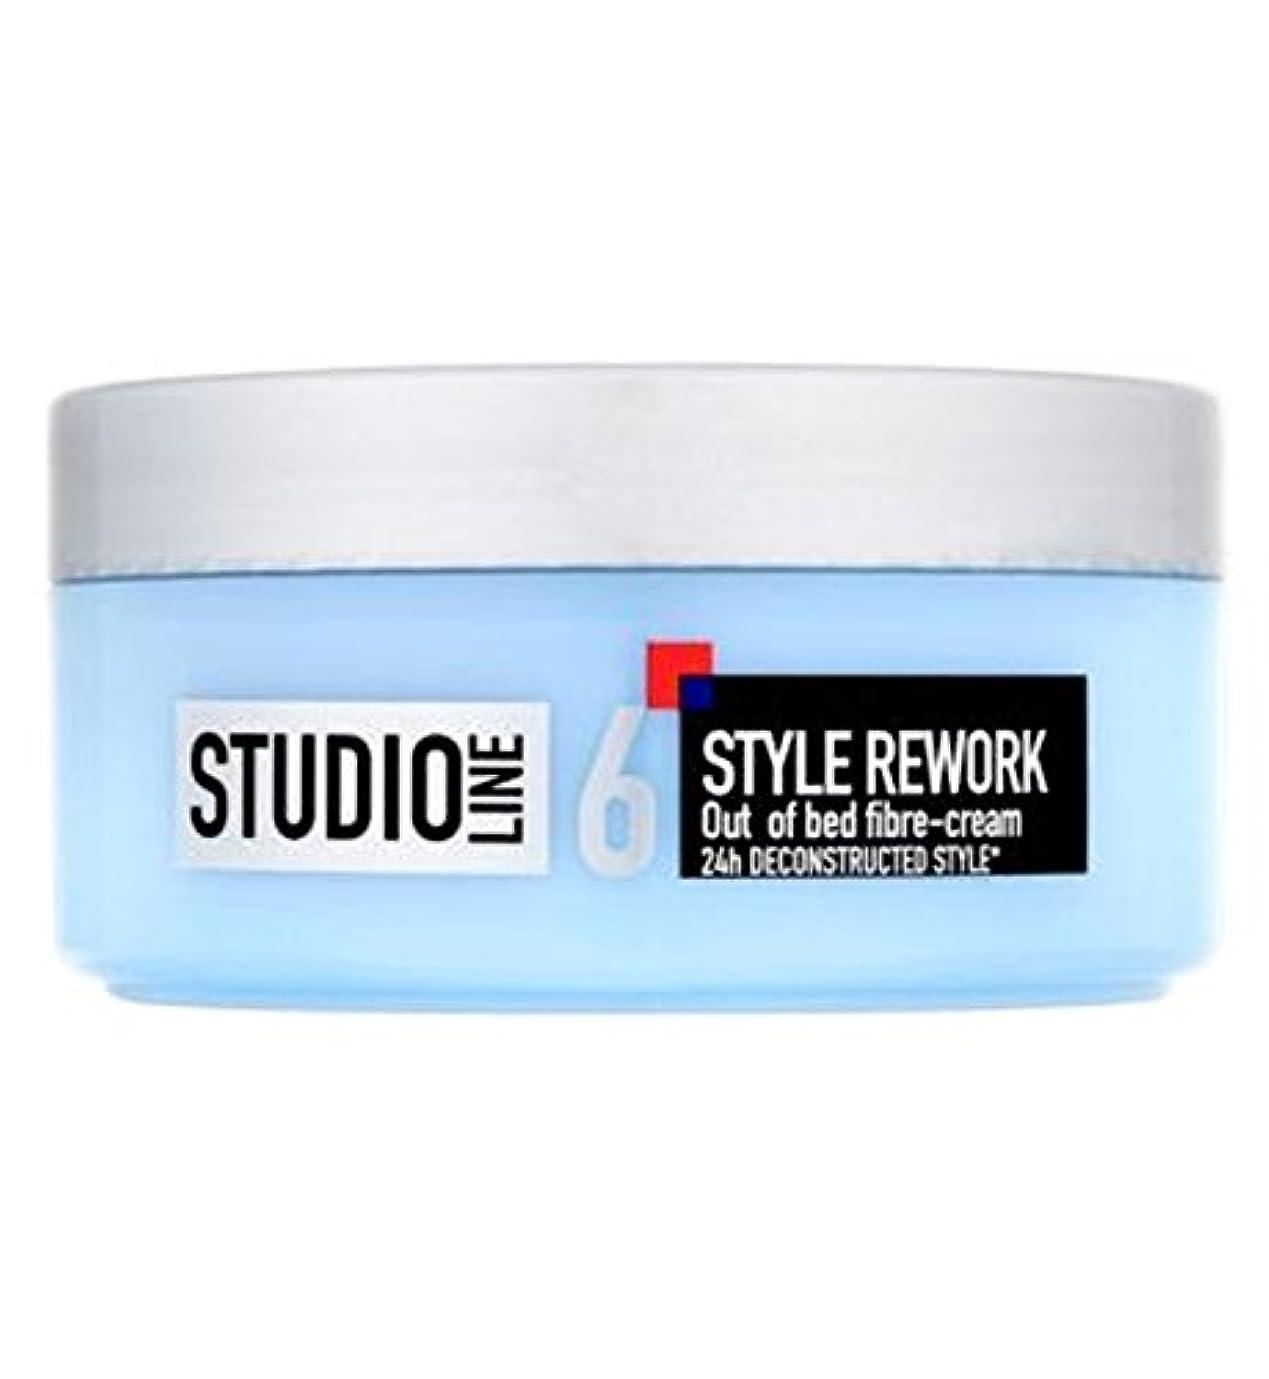 領域速報自殺L'Oreall Studio Line Style Rework Out of Bed Fibre-Cream 150ml - ベッドファイバークリーム150ミリリットルのうちL'Oreallスタジオ線スタイルリワーク...